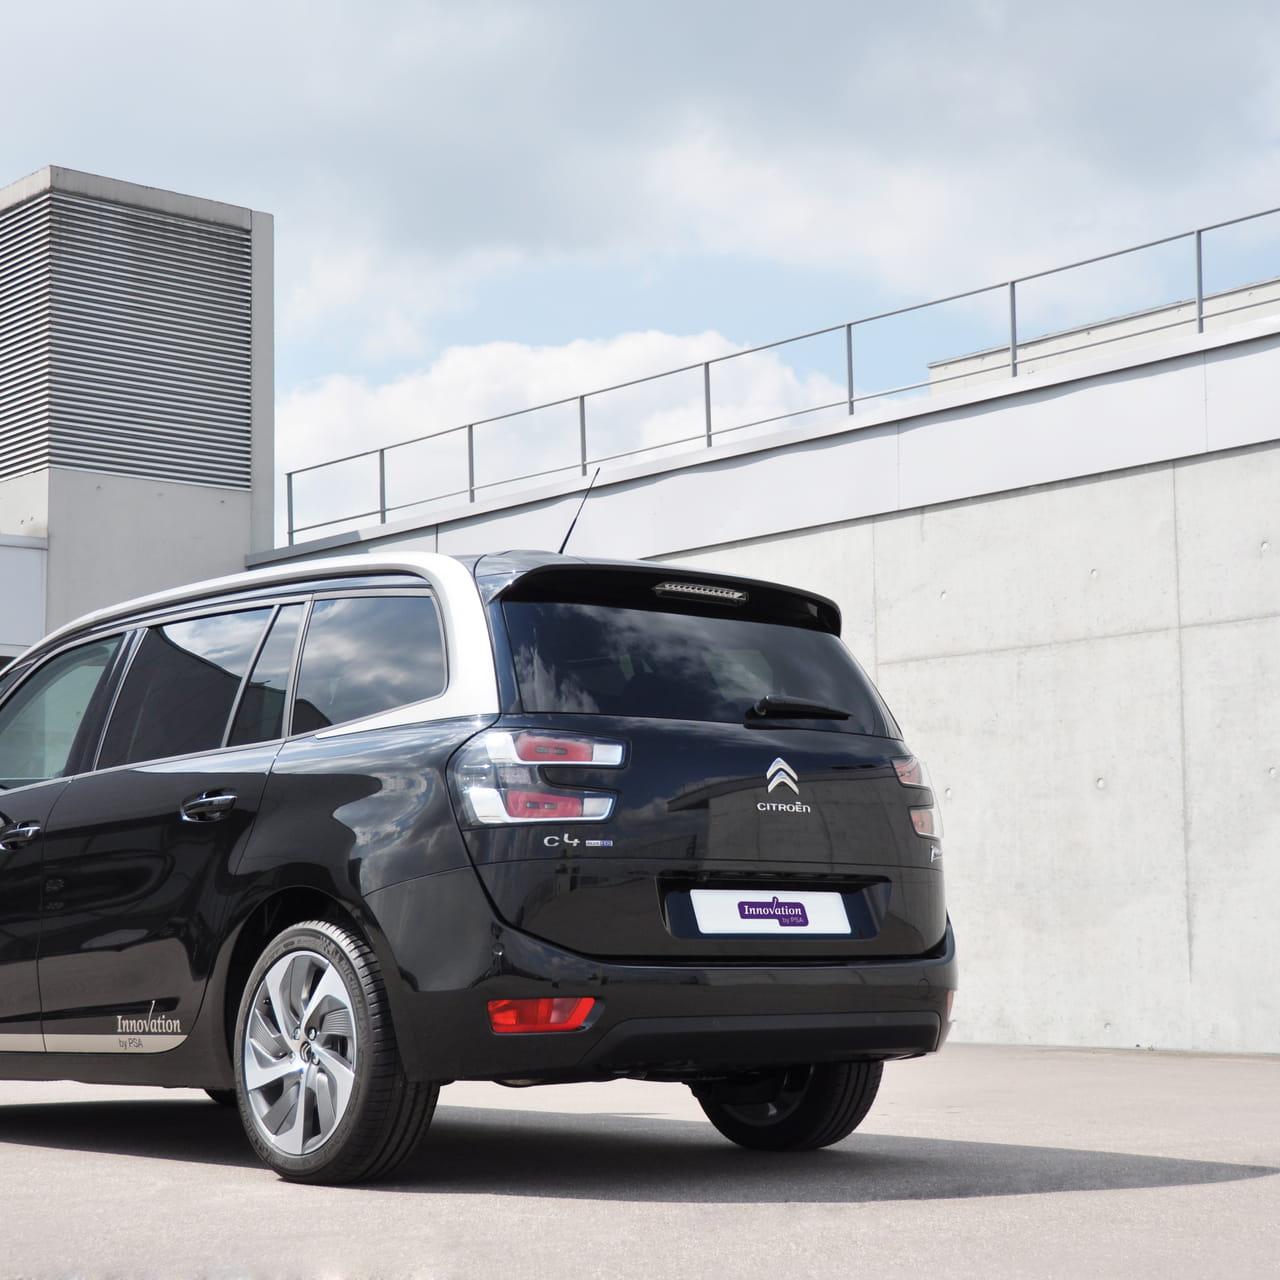 Une Journee Dans La Voiture Autonome De Peugeot Citroen